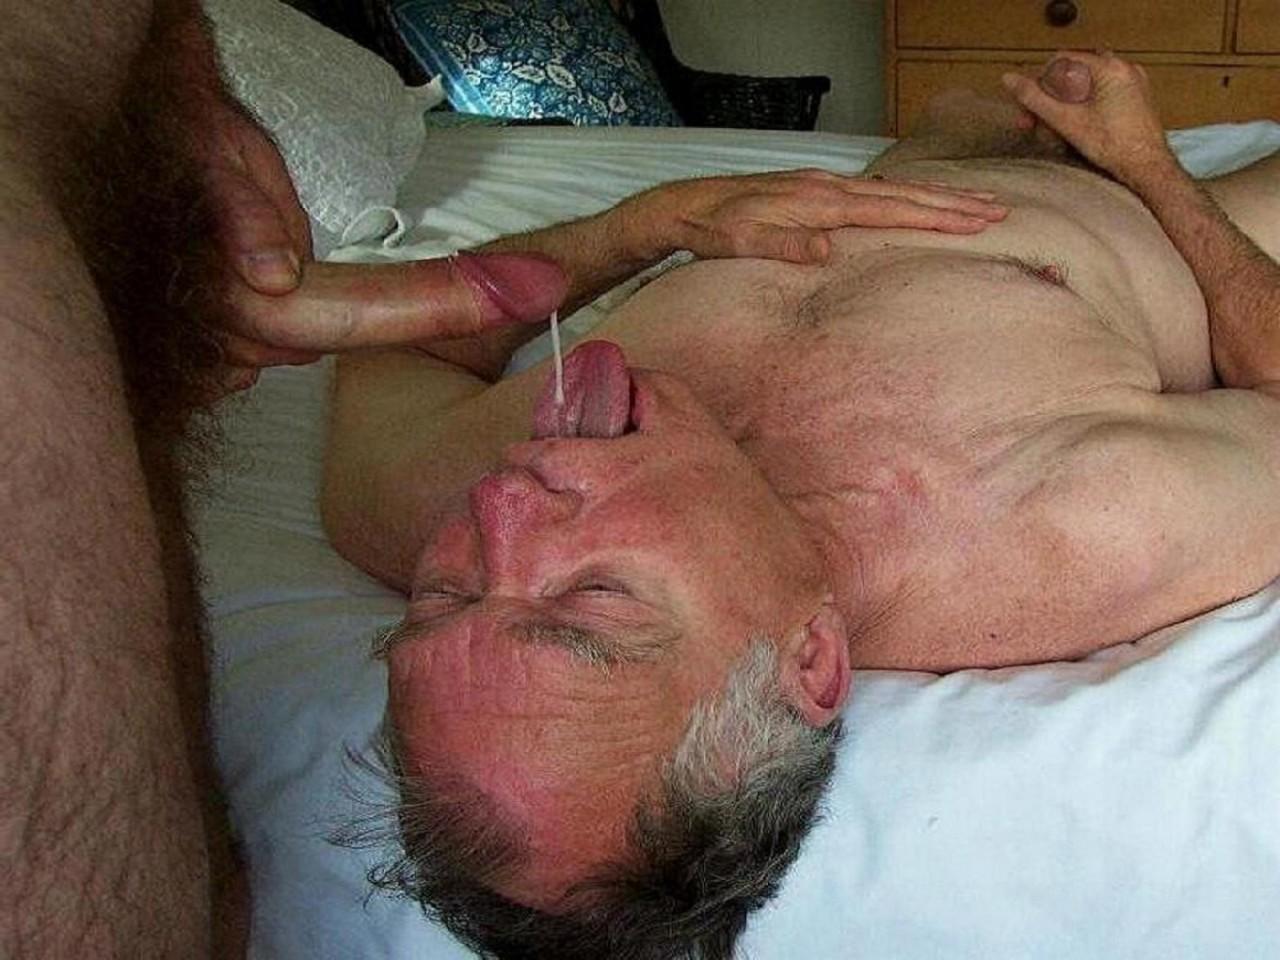 гей порно мужики трахают мальчиков